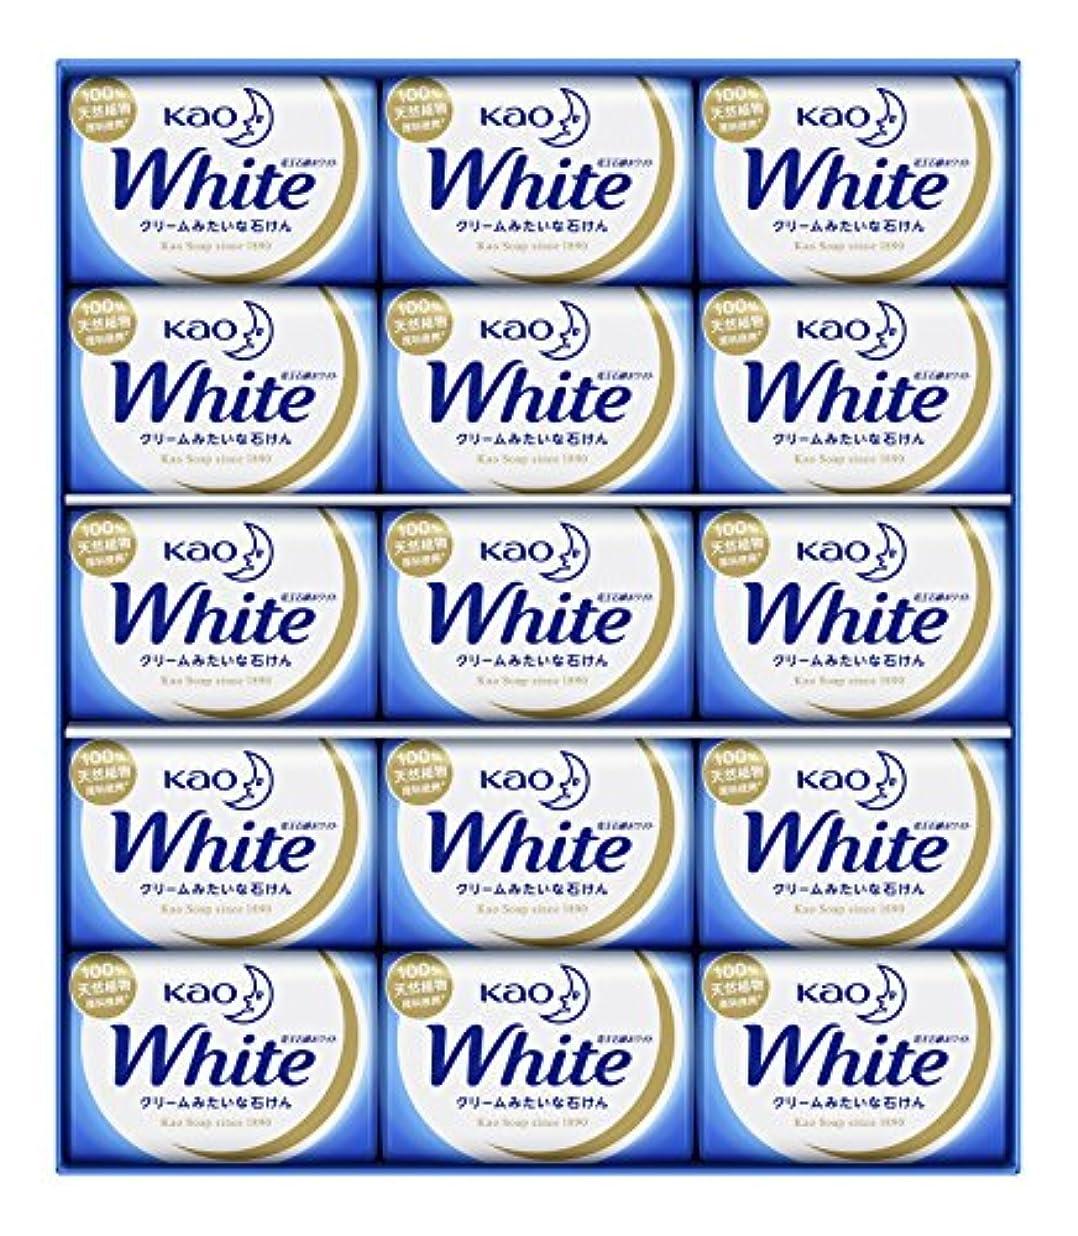 抑制してはいけない屋内で花王ホワイト ギフト 85g 15コ K?W-15